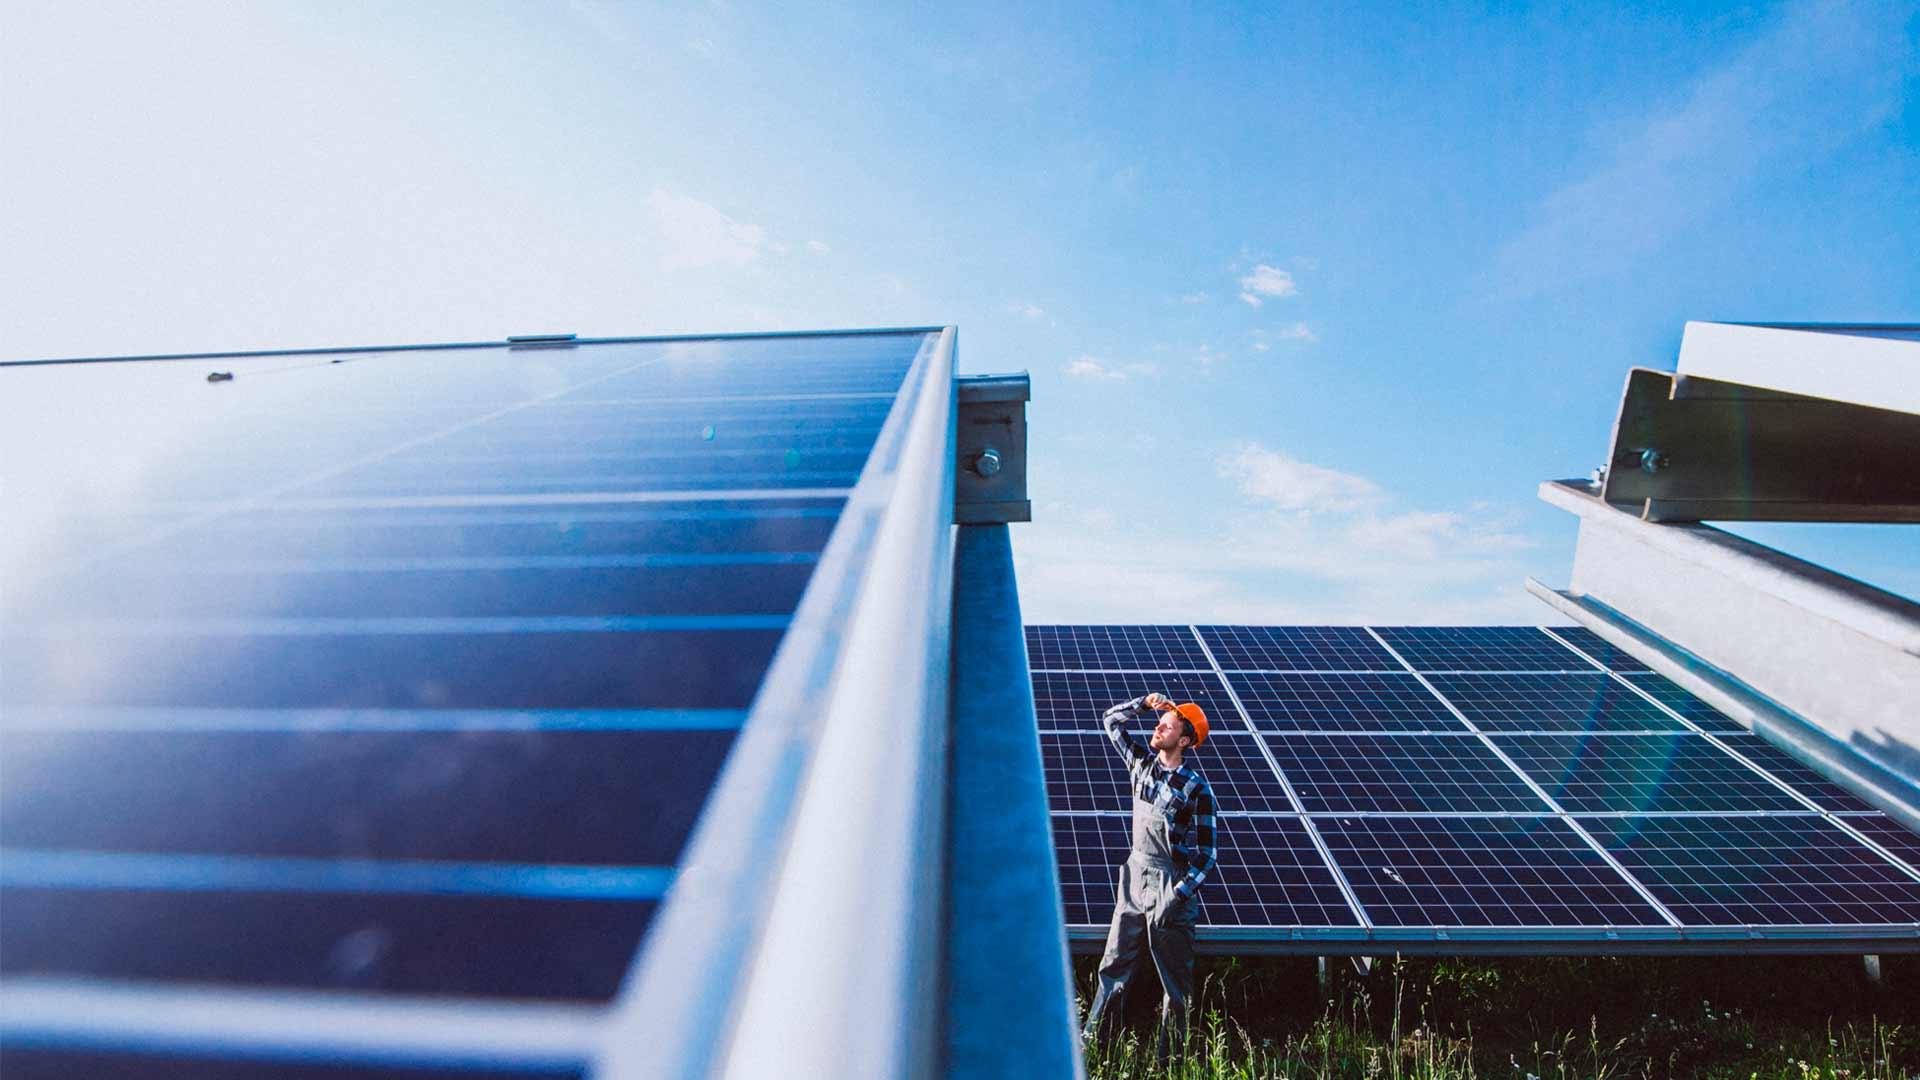 De qué material están hechos los paneles solares